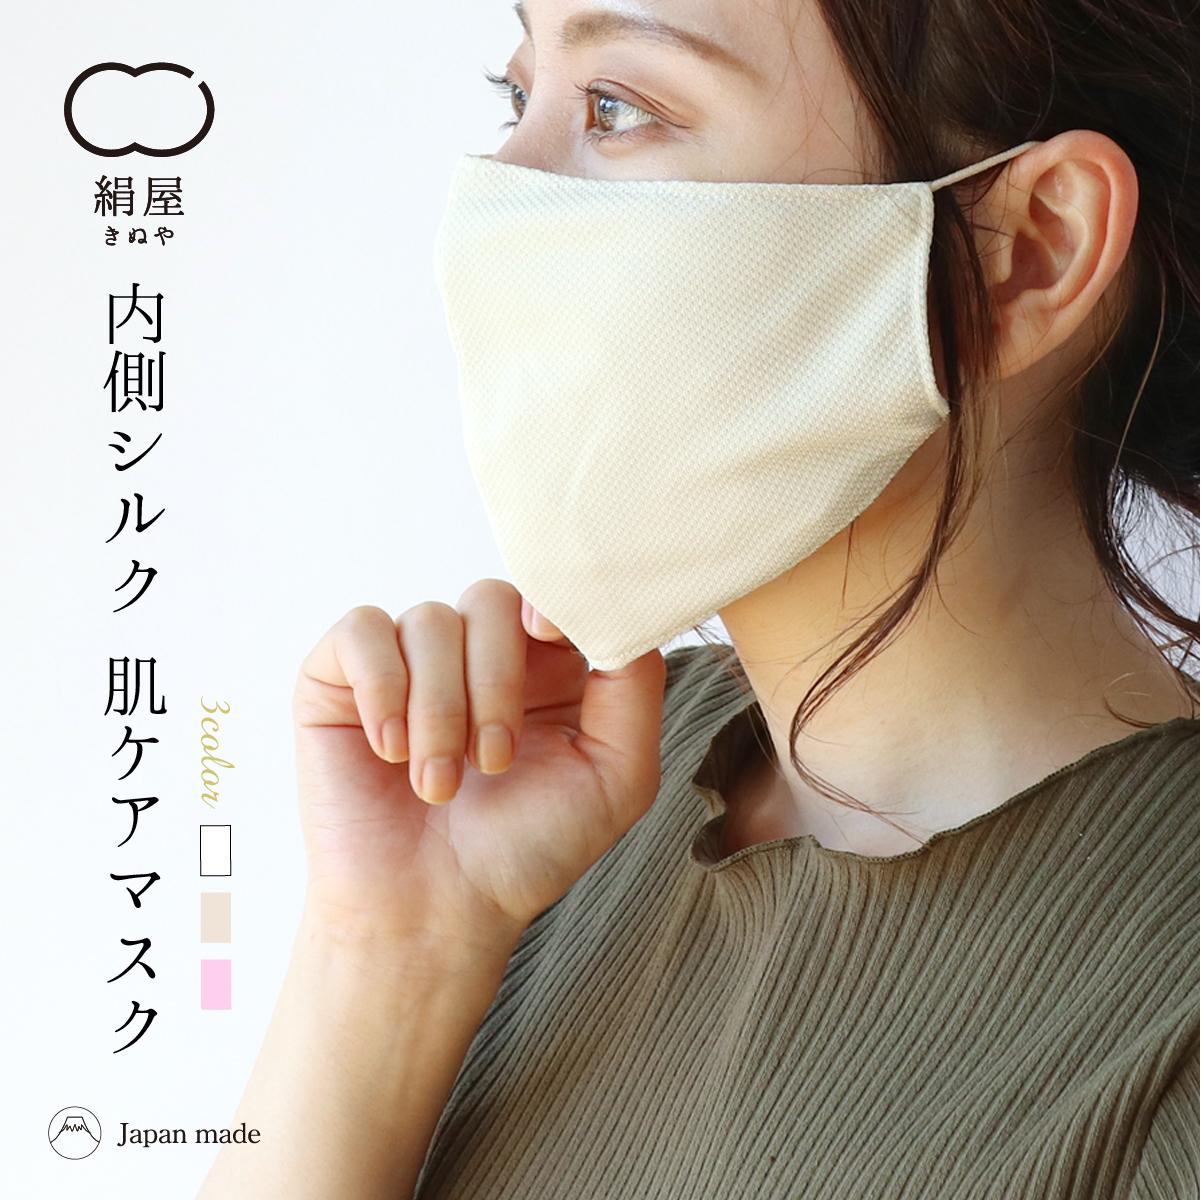 吸方湿性の高いシルクを内側に使用し 外側に遮熱効果とUV効果のある生地を使用しました 夏は蒸れにくく 冬はあたたかいので年中お肌に優しいマスクです 内側シルク 肌ケアマスク マスク 日本製 母の日 タイムセール 絹屋 プレゼント 絹 シルク 期間限定特価品 ギフト